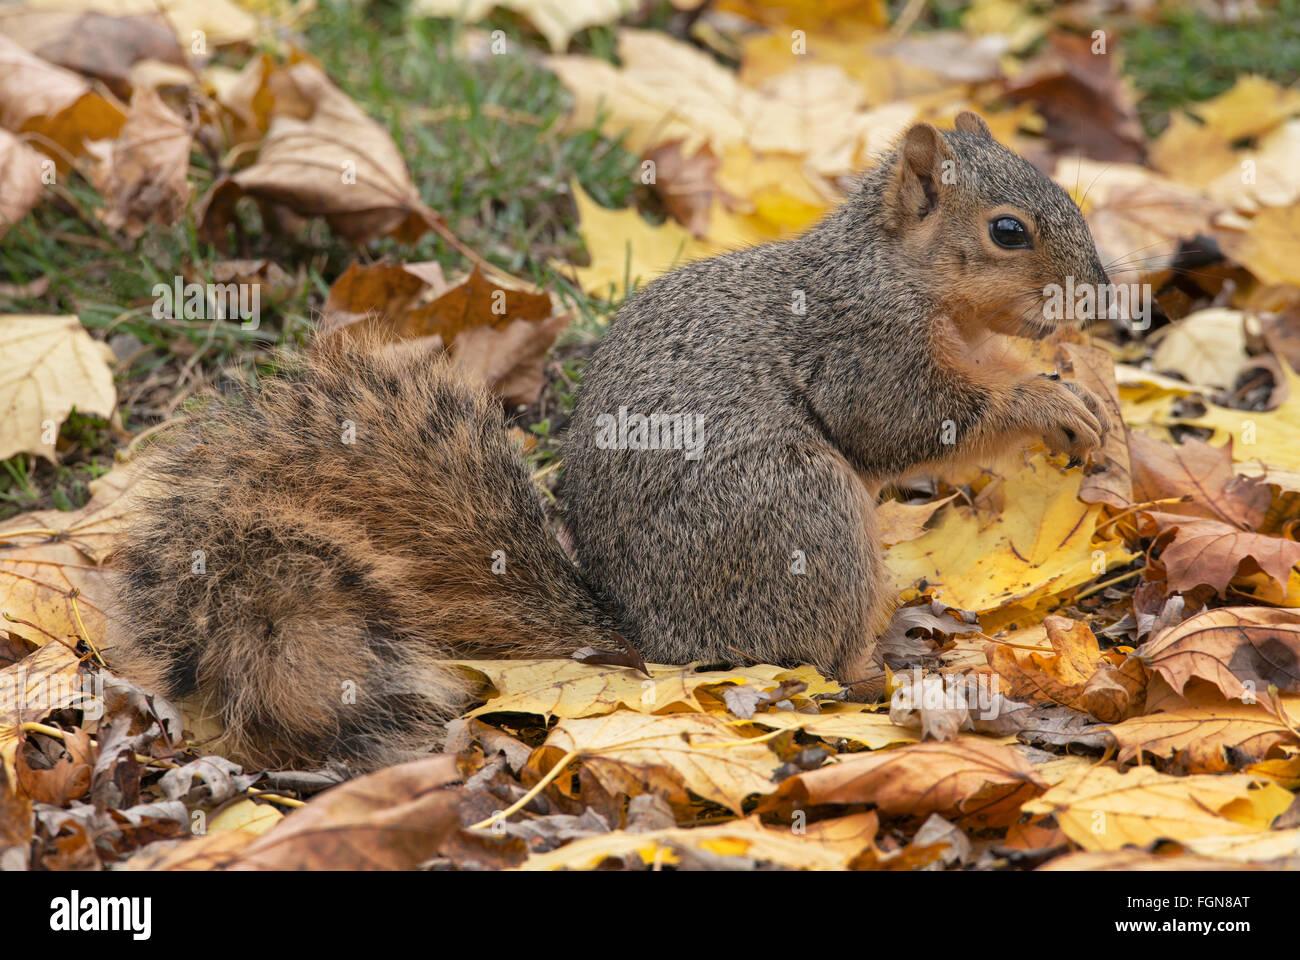 Fox est l'Écureuil roux (Sciurus niger) le sol de la forêt, manger des noix, des glands, Automne, Photo Stock